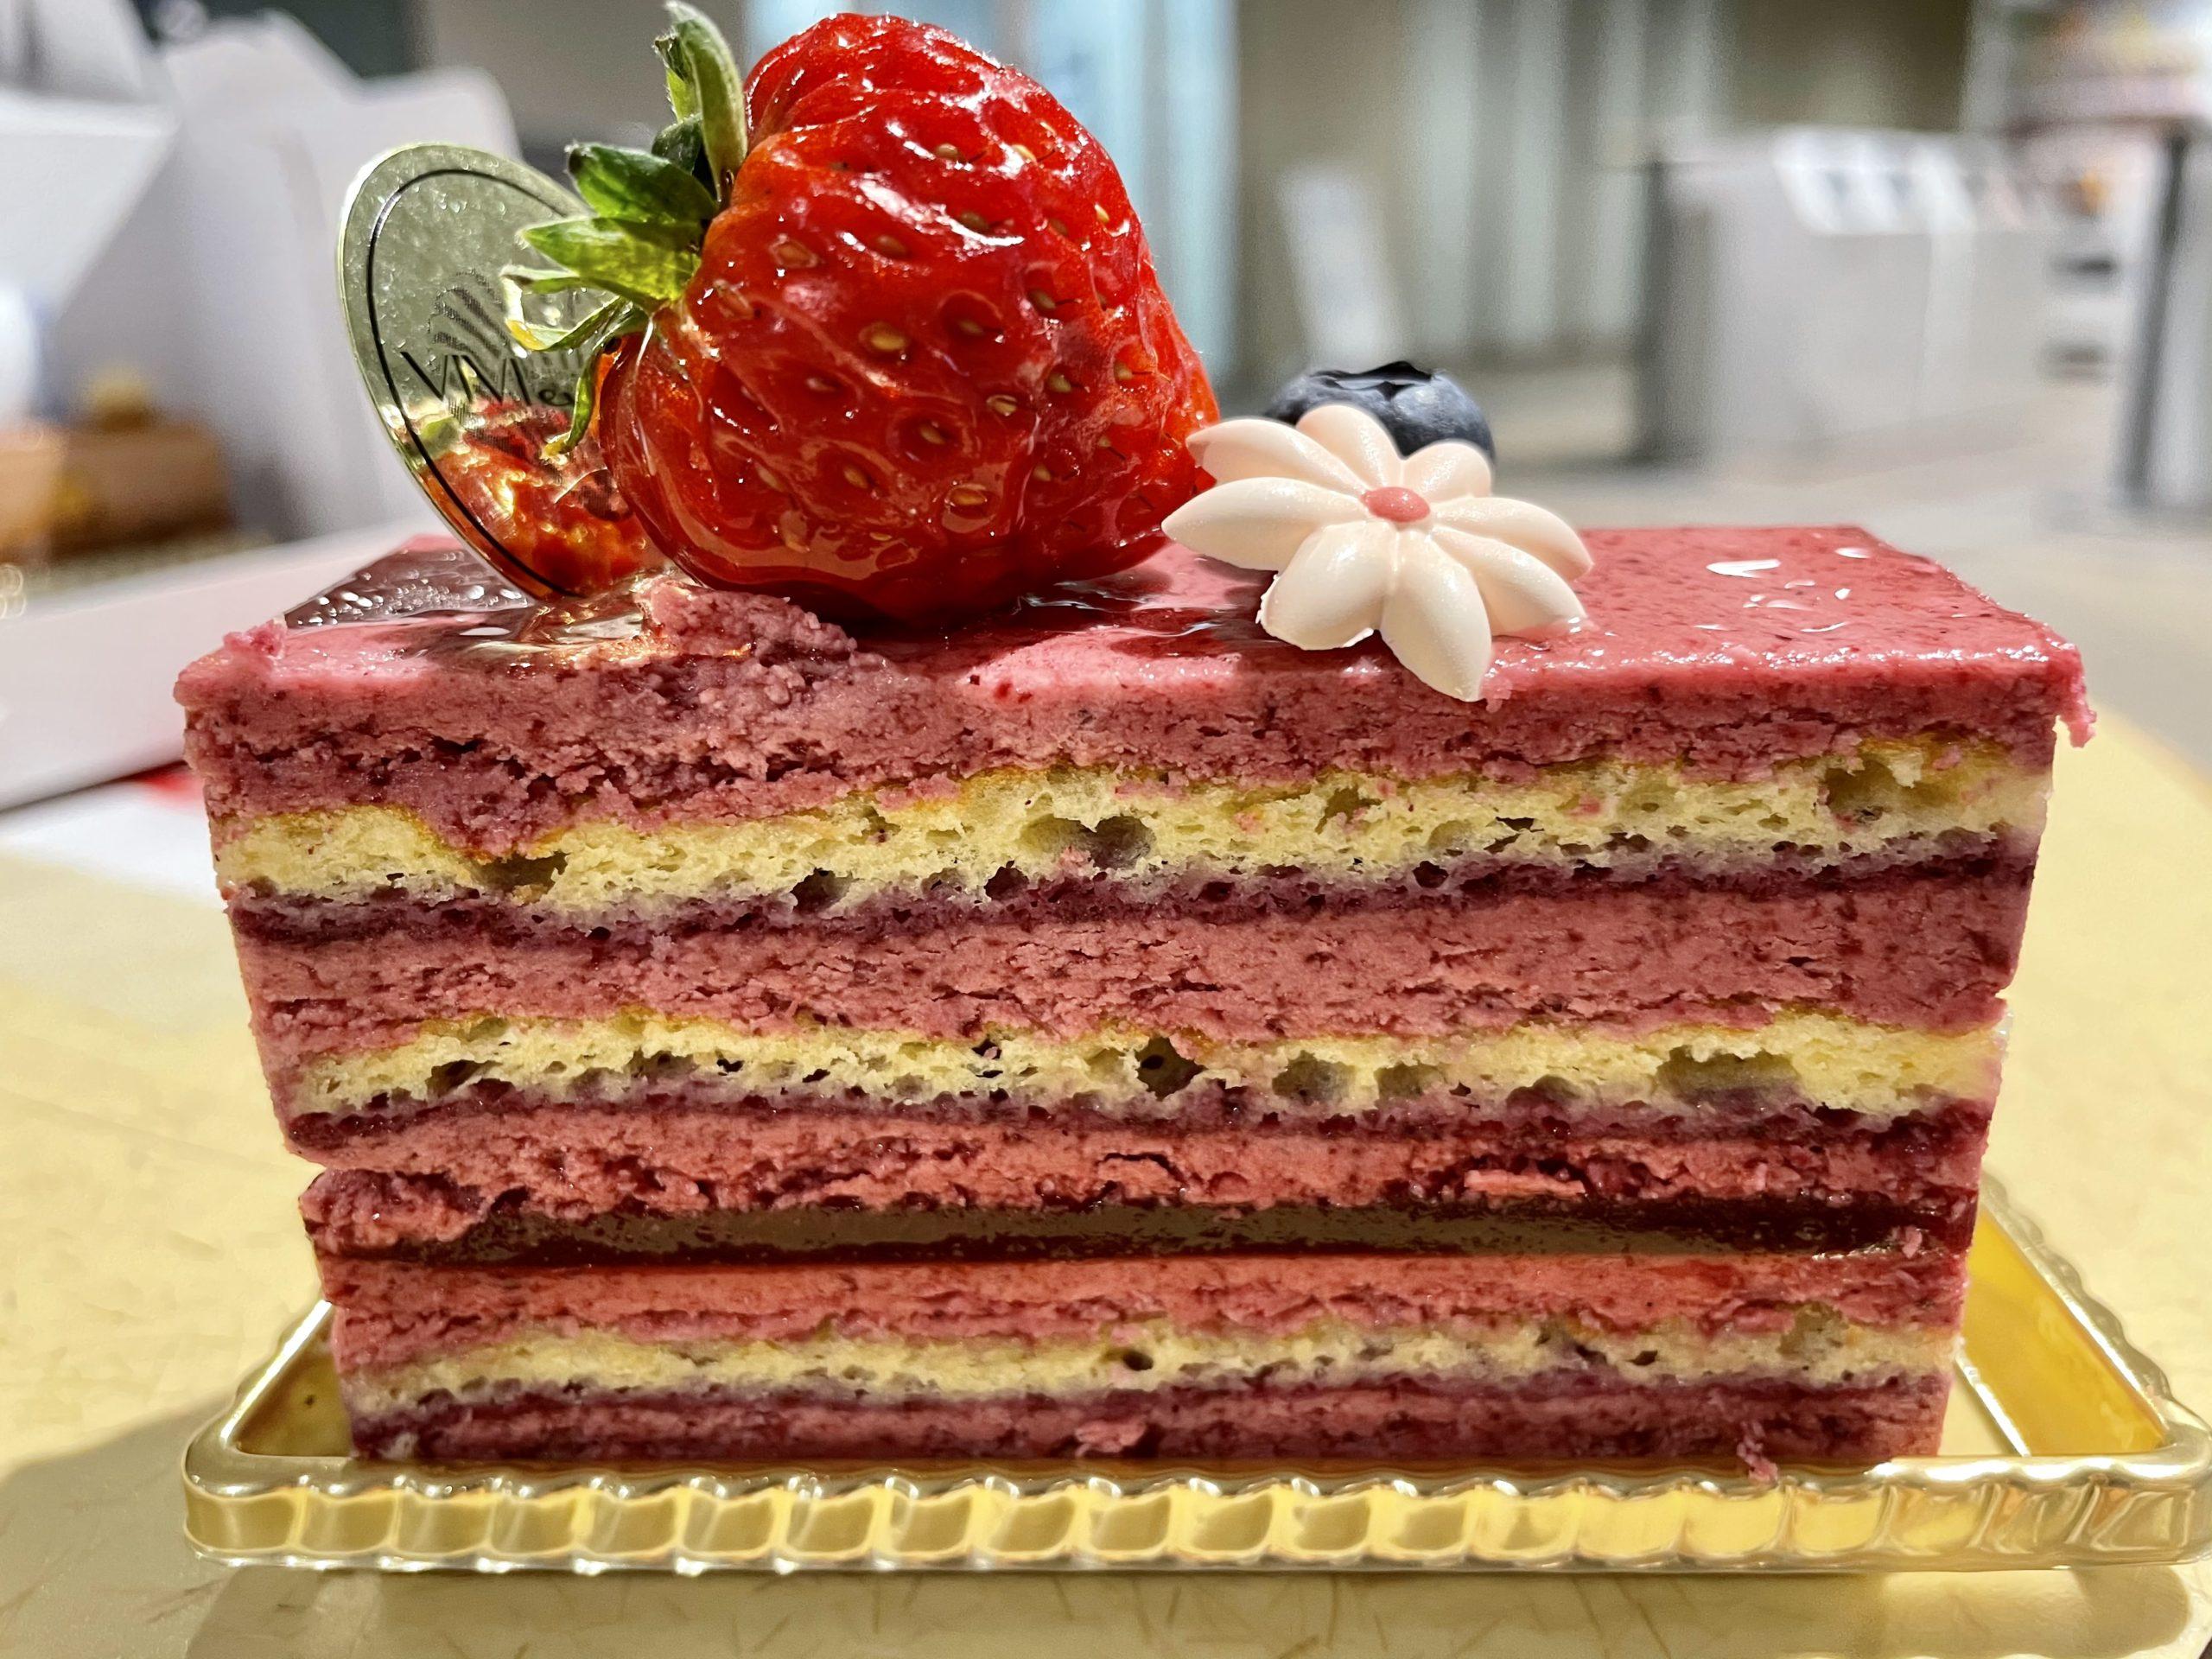 八事日赤|芸術品のように美しい上品なケーキが楽しめるテイクアウト専門の洋菓子店